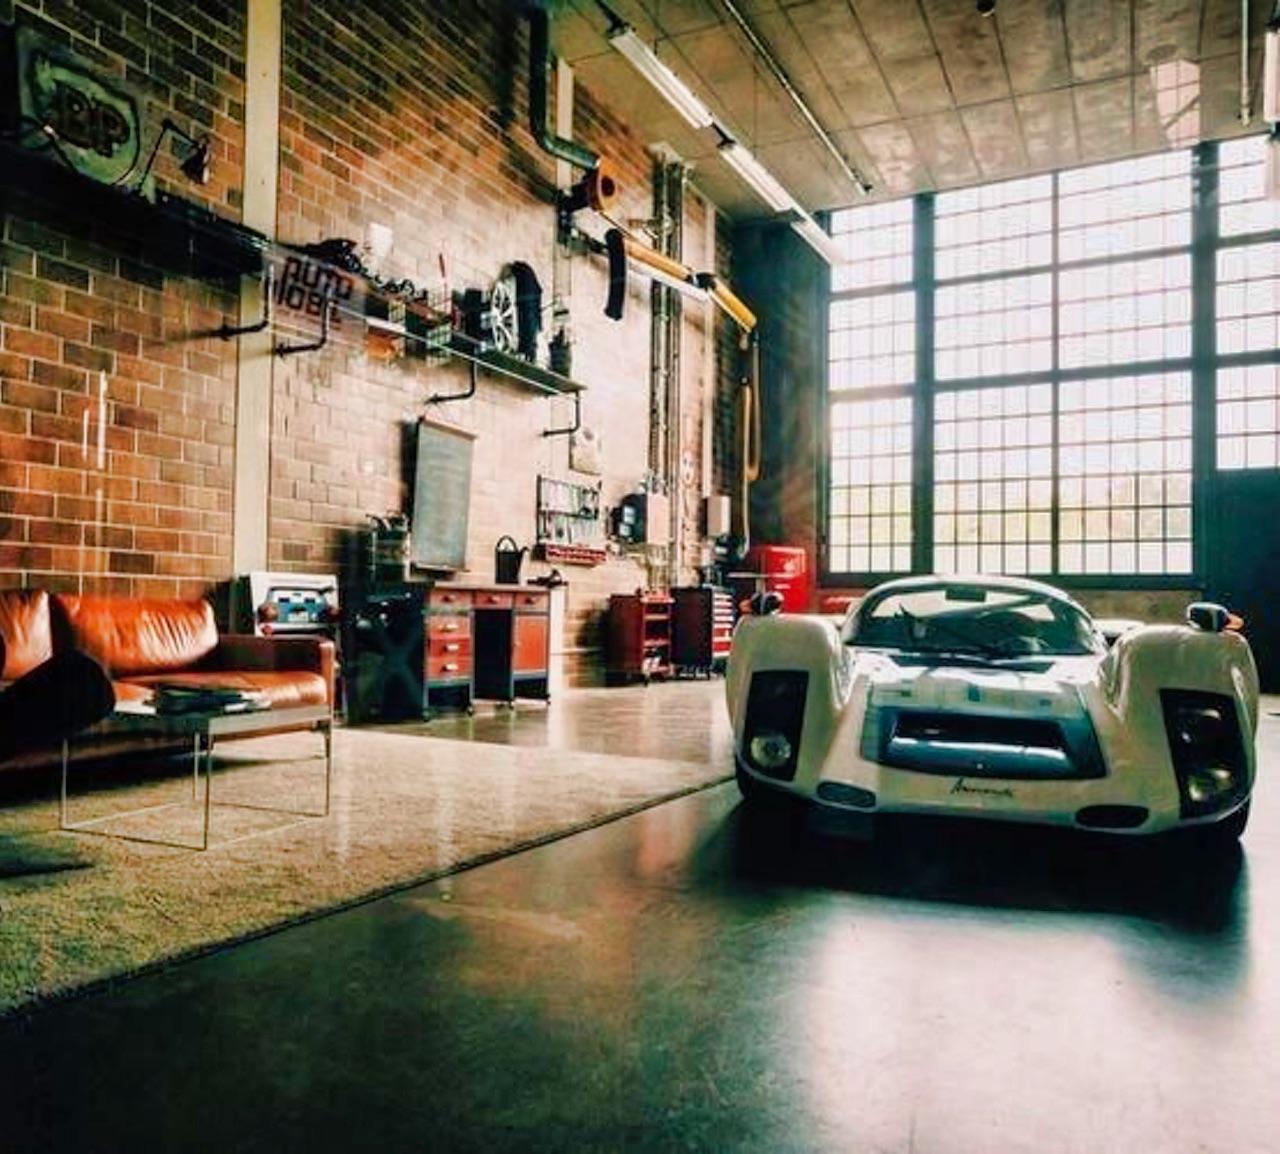 La classe dans mon garage ou dans mon salon #2...! 1